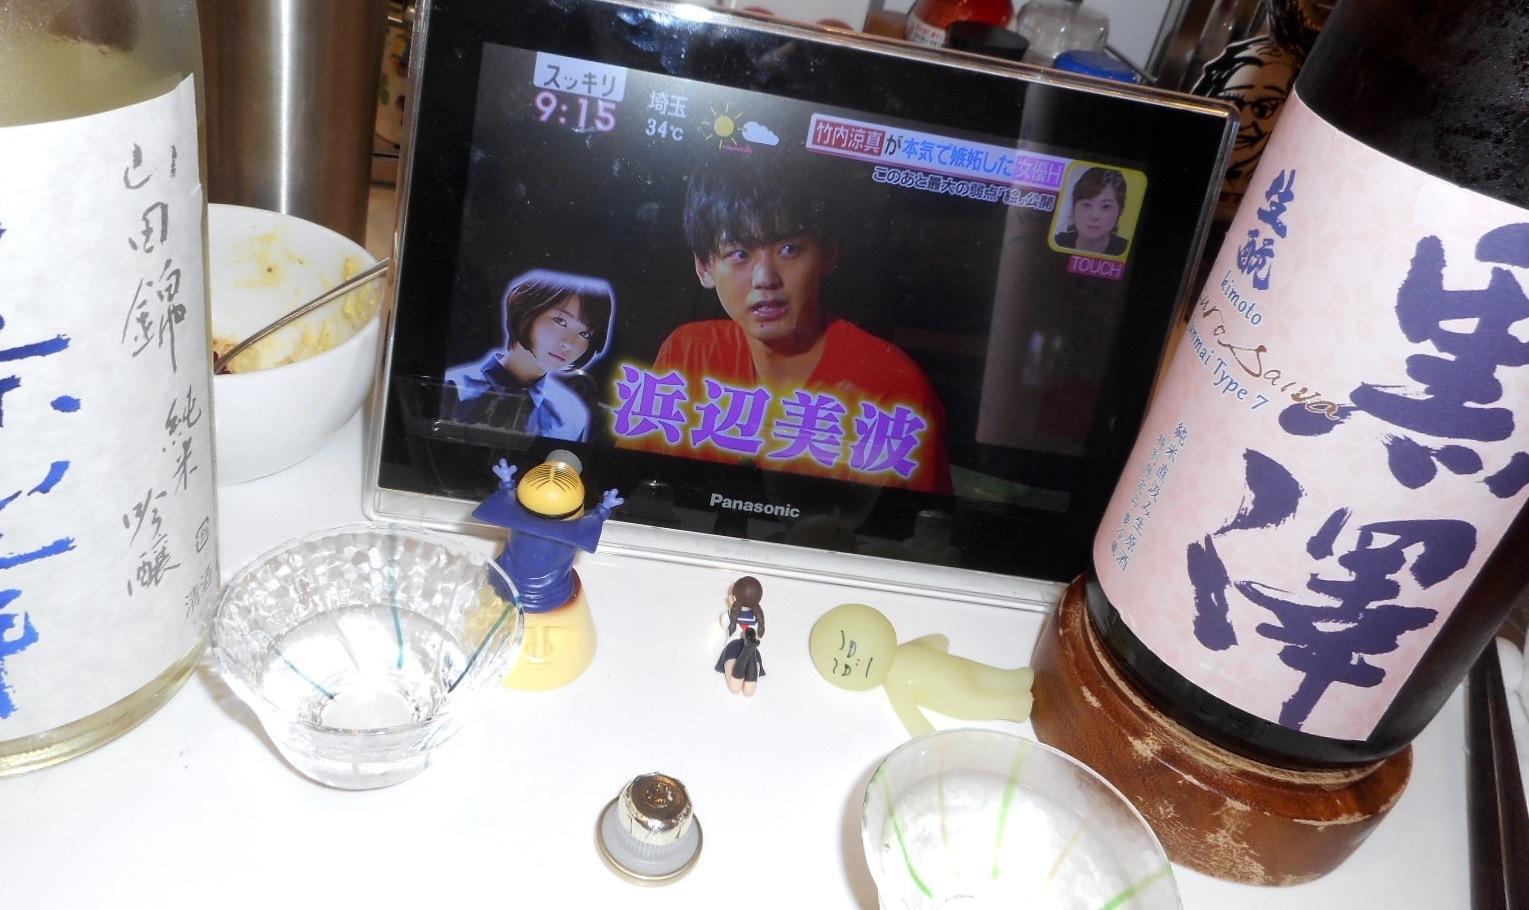 kurosawa_type7_29by4_3.jpg